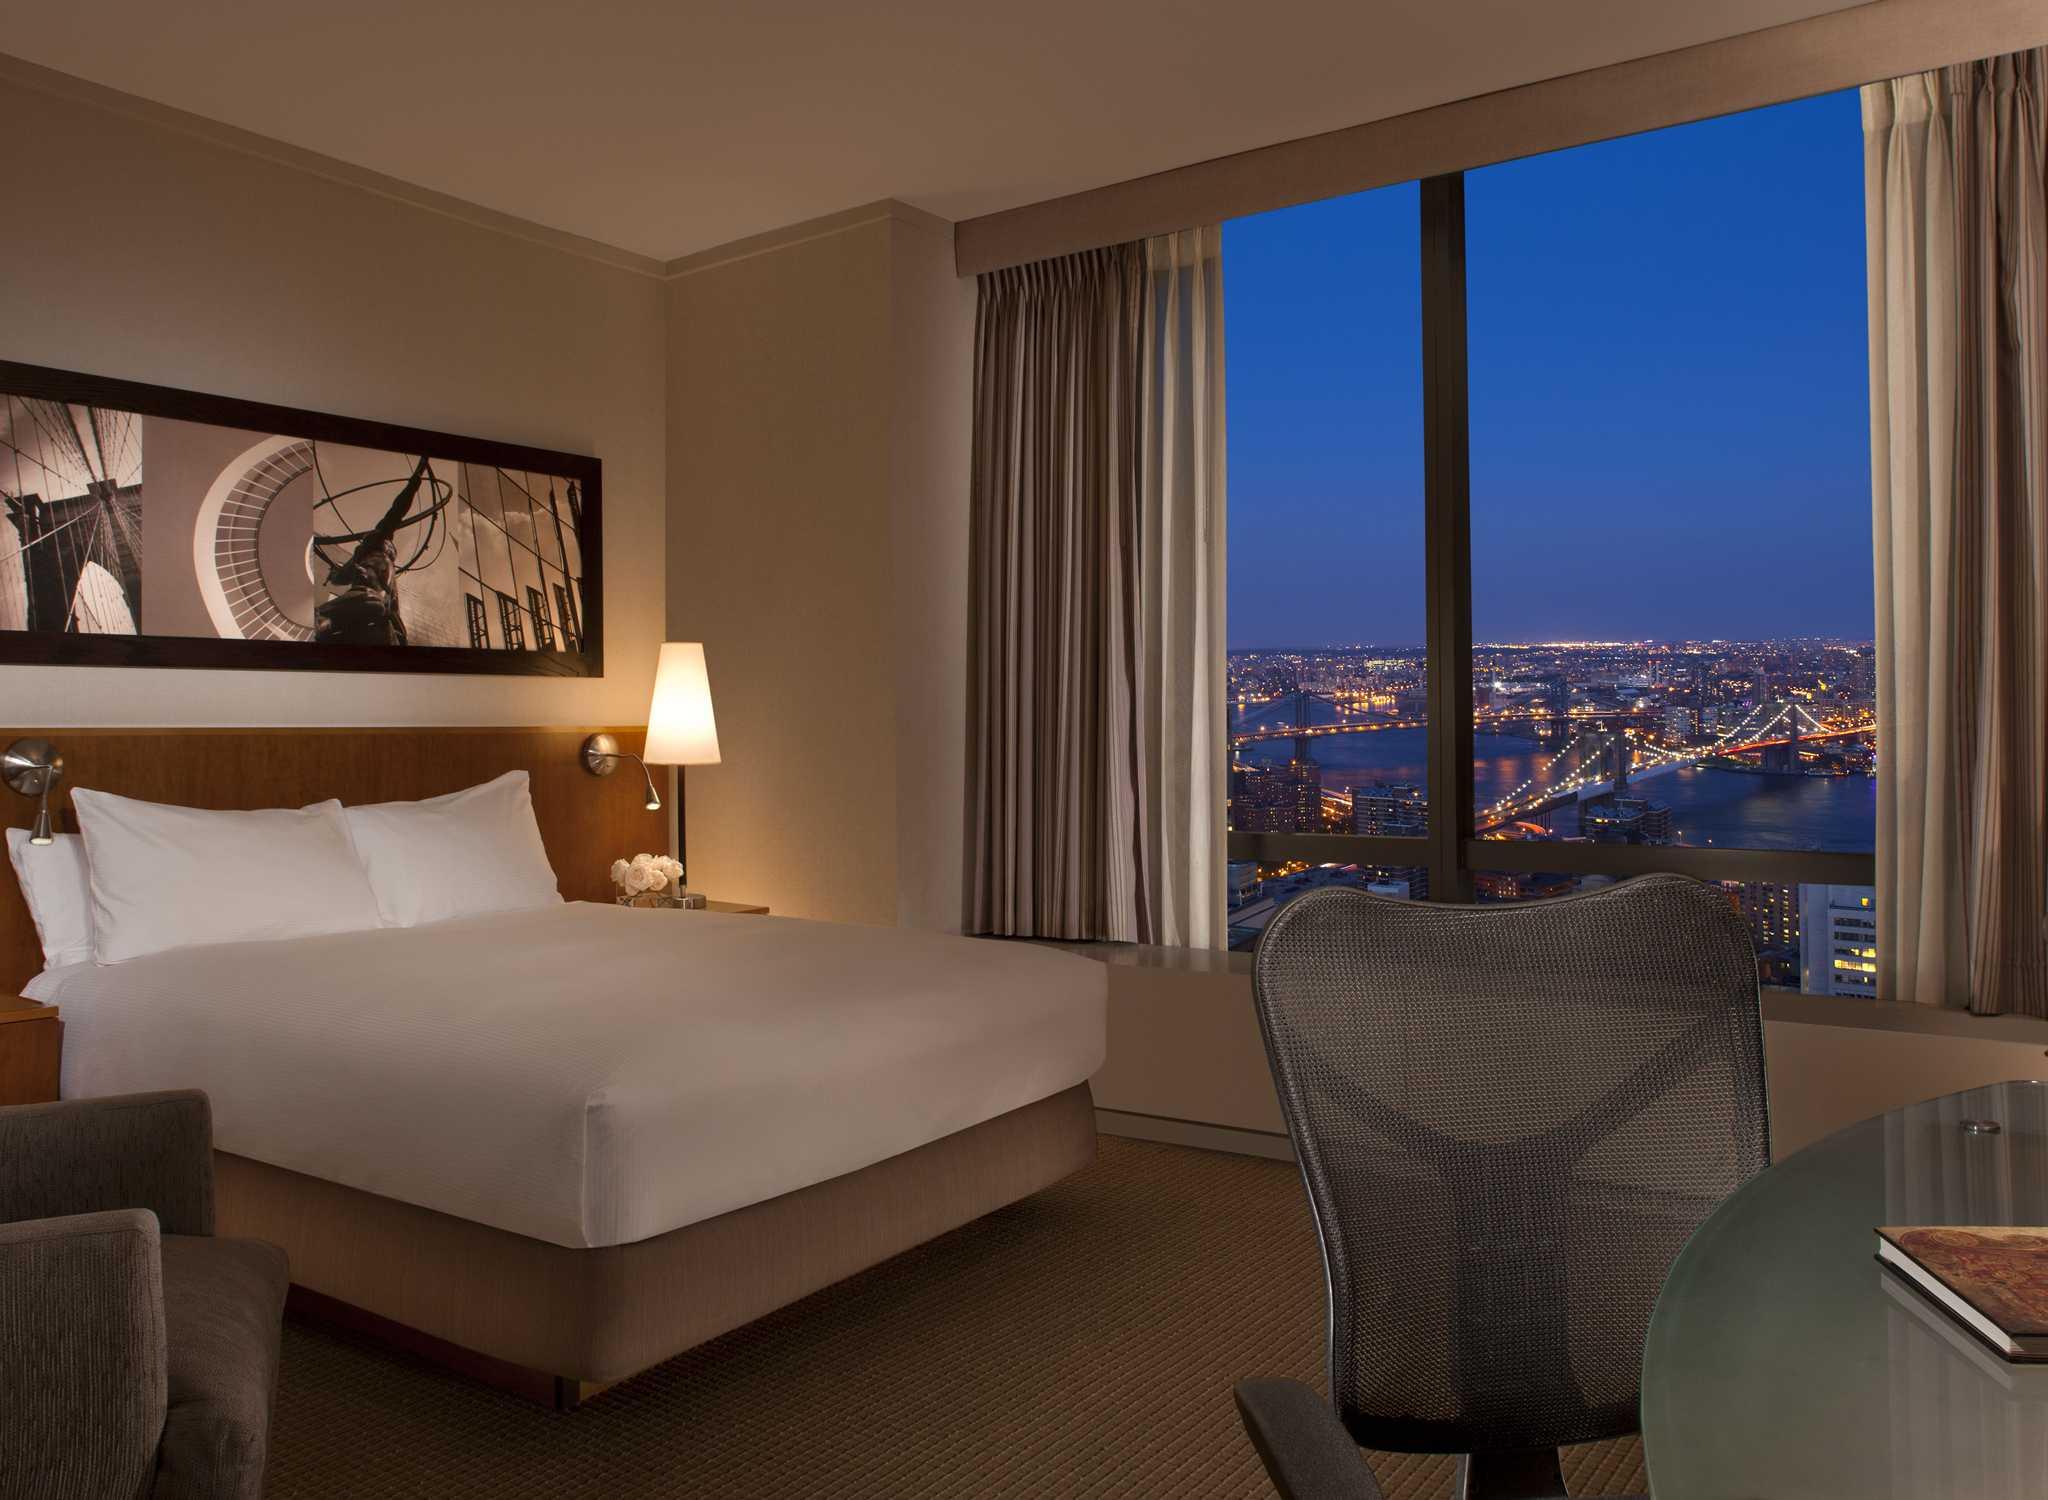 Bedroom Suite Hotels In Downtown Philadelphia